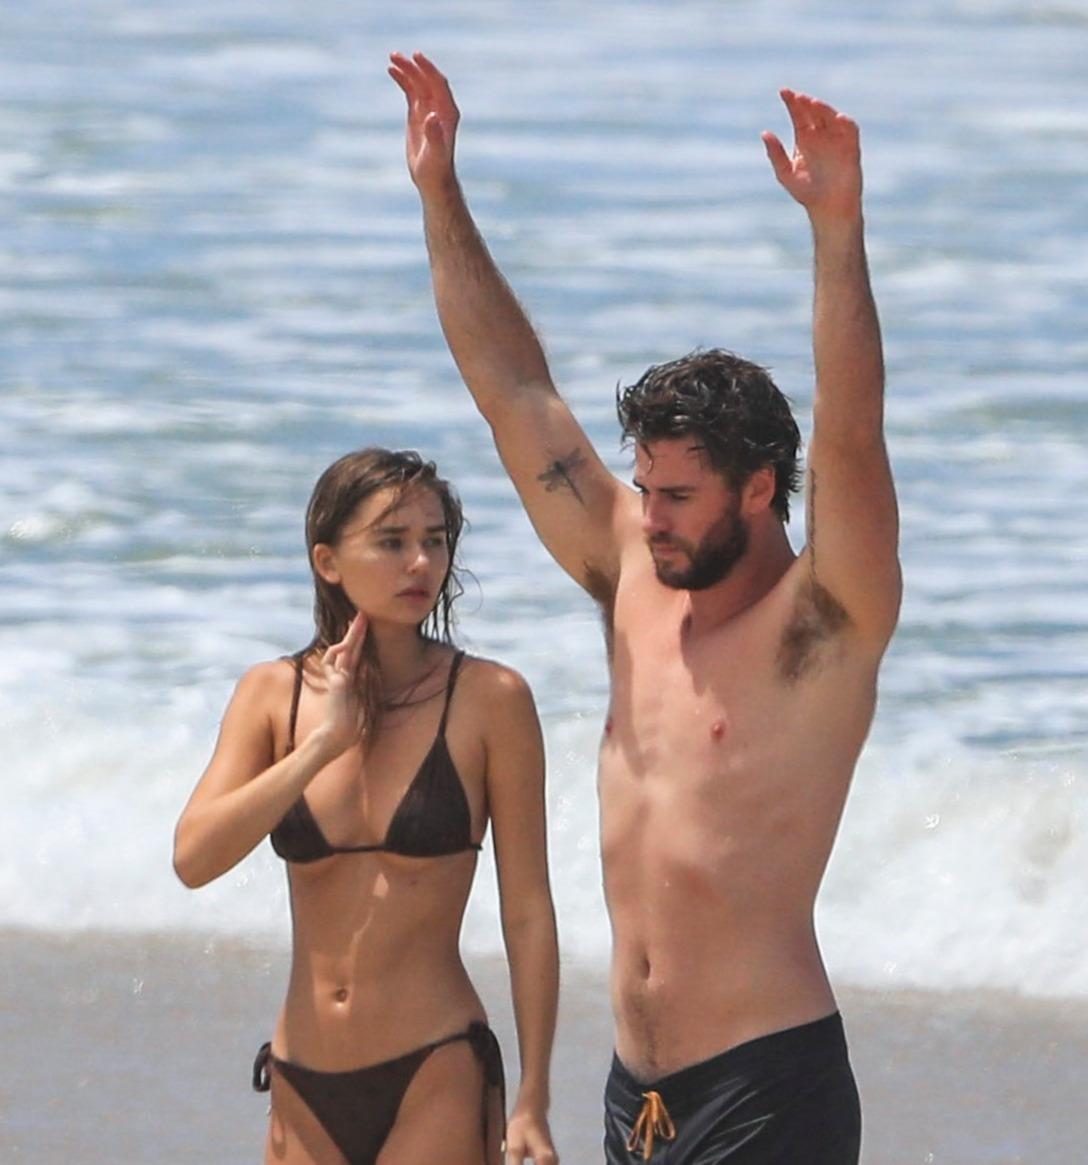 Bạn gái Liam Hemsworth diện bikini khoe body đẹp nức nở, nhưng dân tình lại réo tên Miley Cyrus vì 1 điểm tương đồng - Ảnh 11.